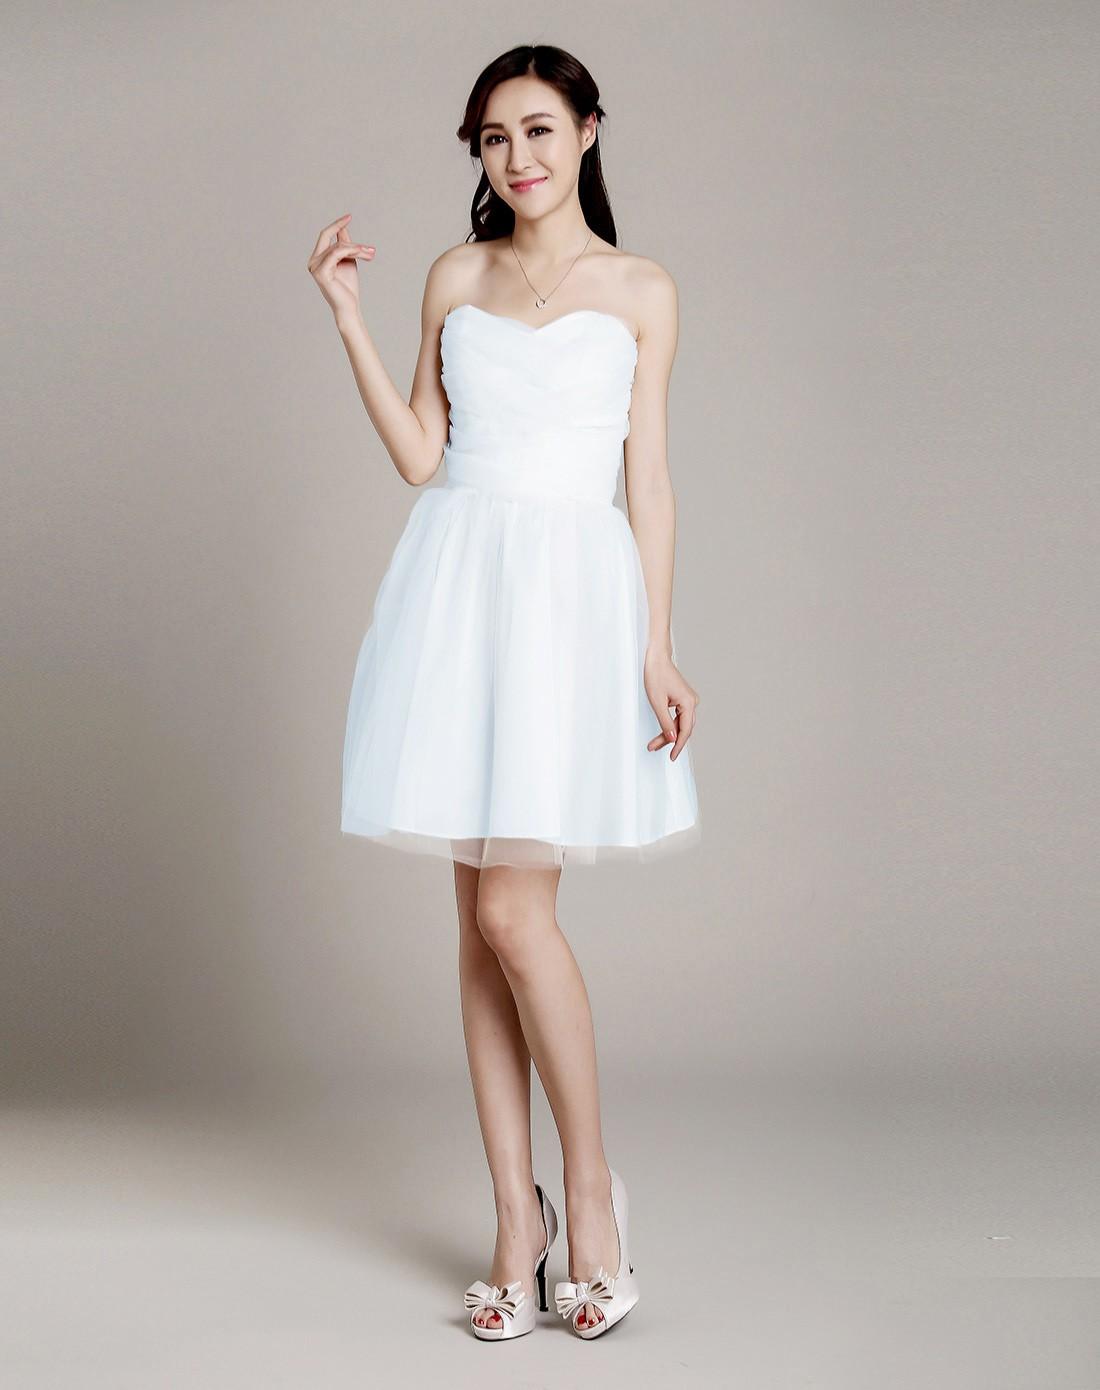 白色梦幻气质抹胸礼服连衣裙